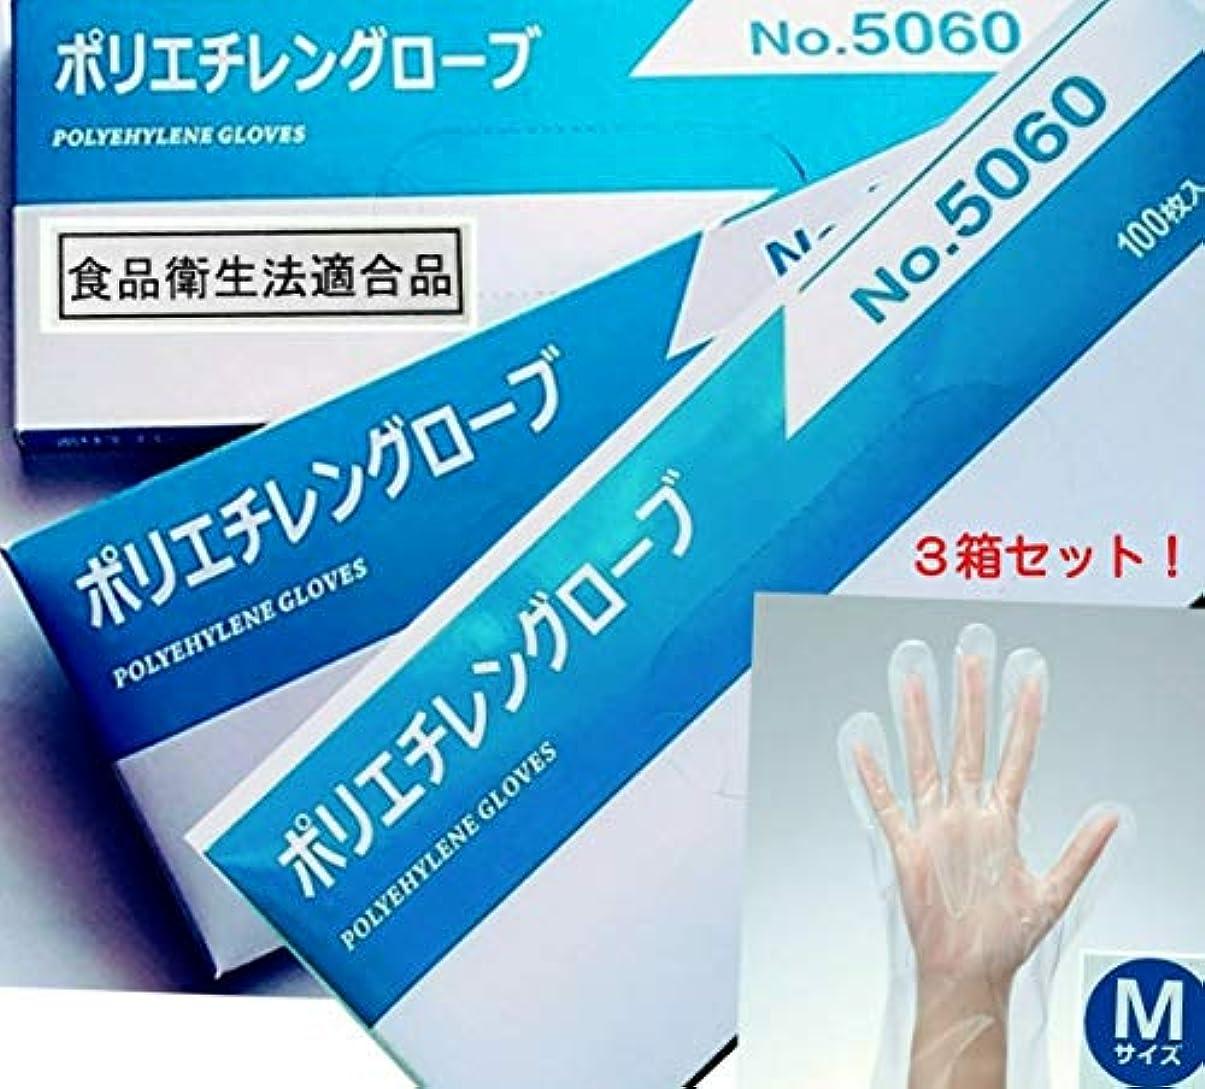 会員リーズアパル【まとめ買い】ポリエチレングローブ(使い捨て手袋 Mサイズ) 100枚入?食品衛生法適合品 3箱セット